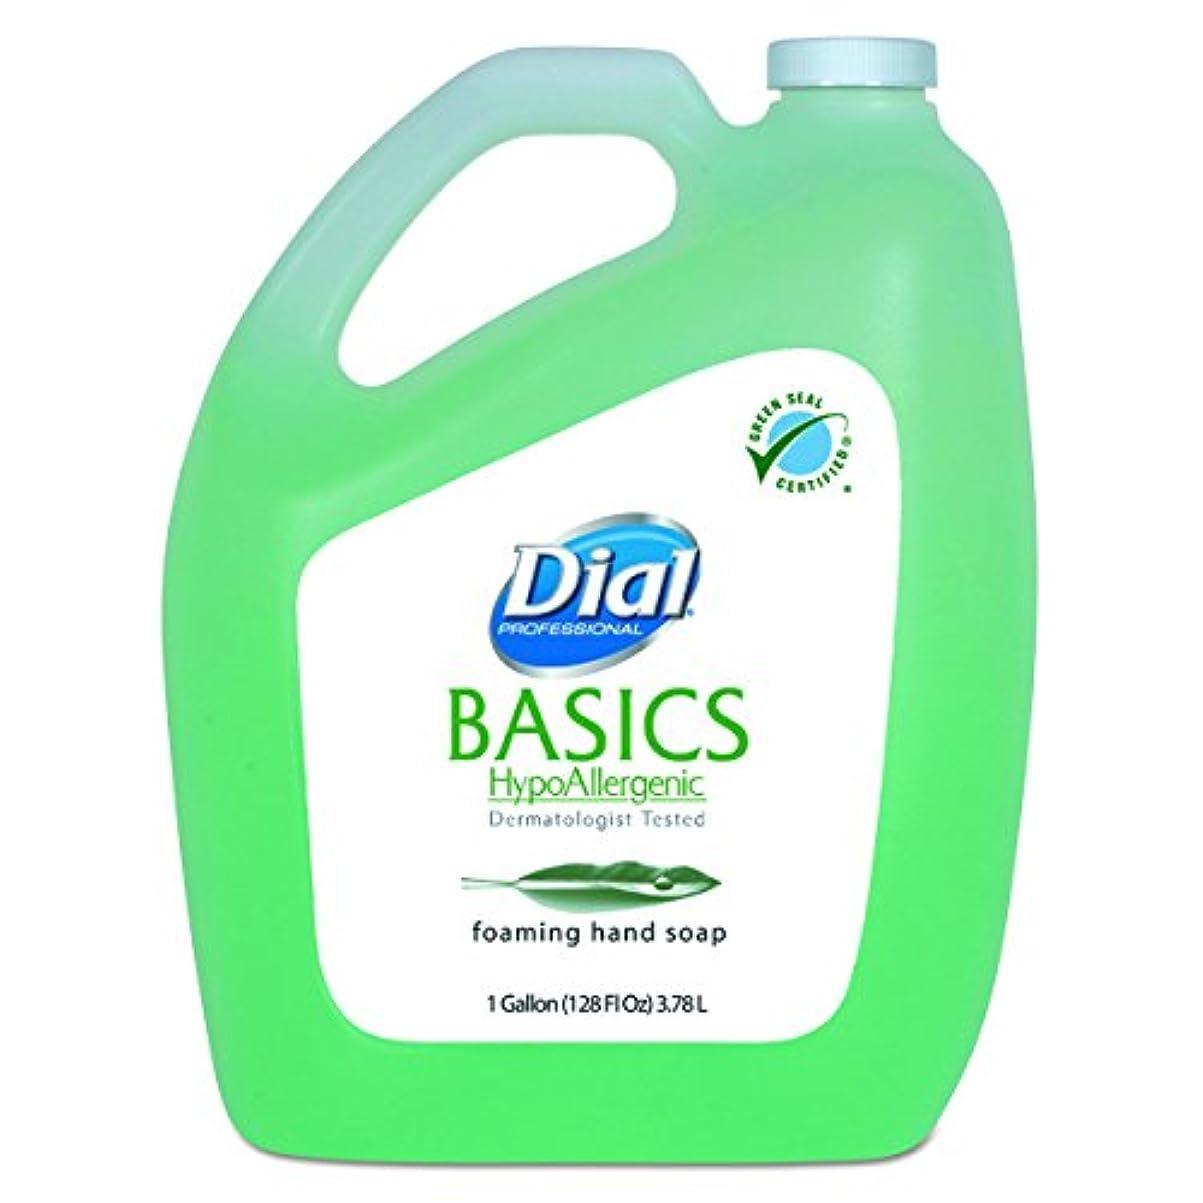 解決する狂人未接続ダイヤルProfessional Basics Foaming Hand Soap、オリジナル、スイカズラ、1ガロンボトル、4 /カートン